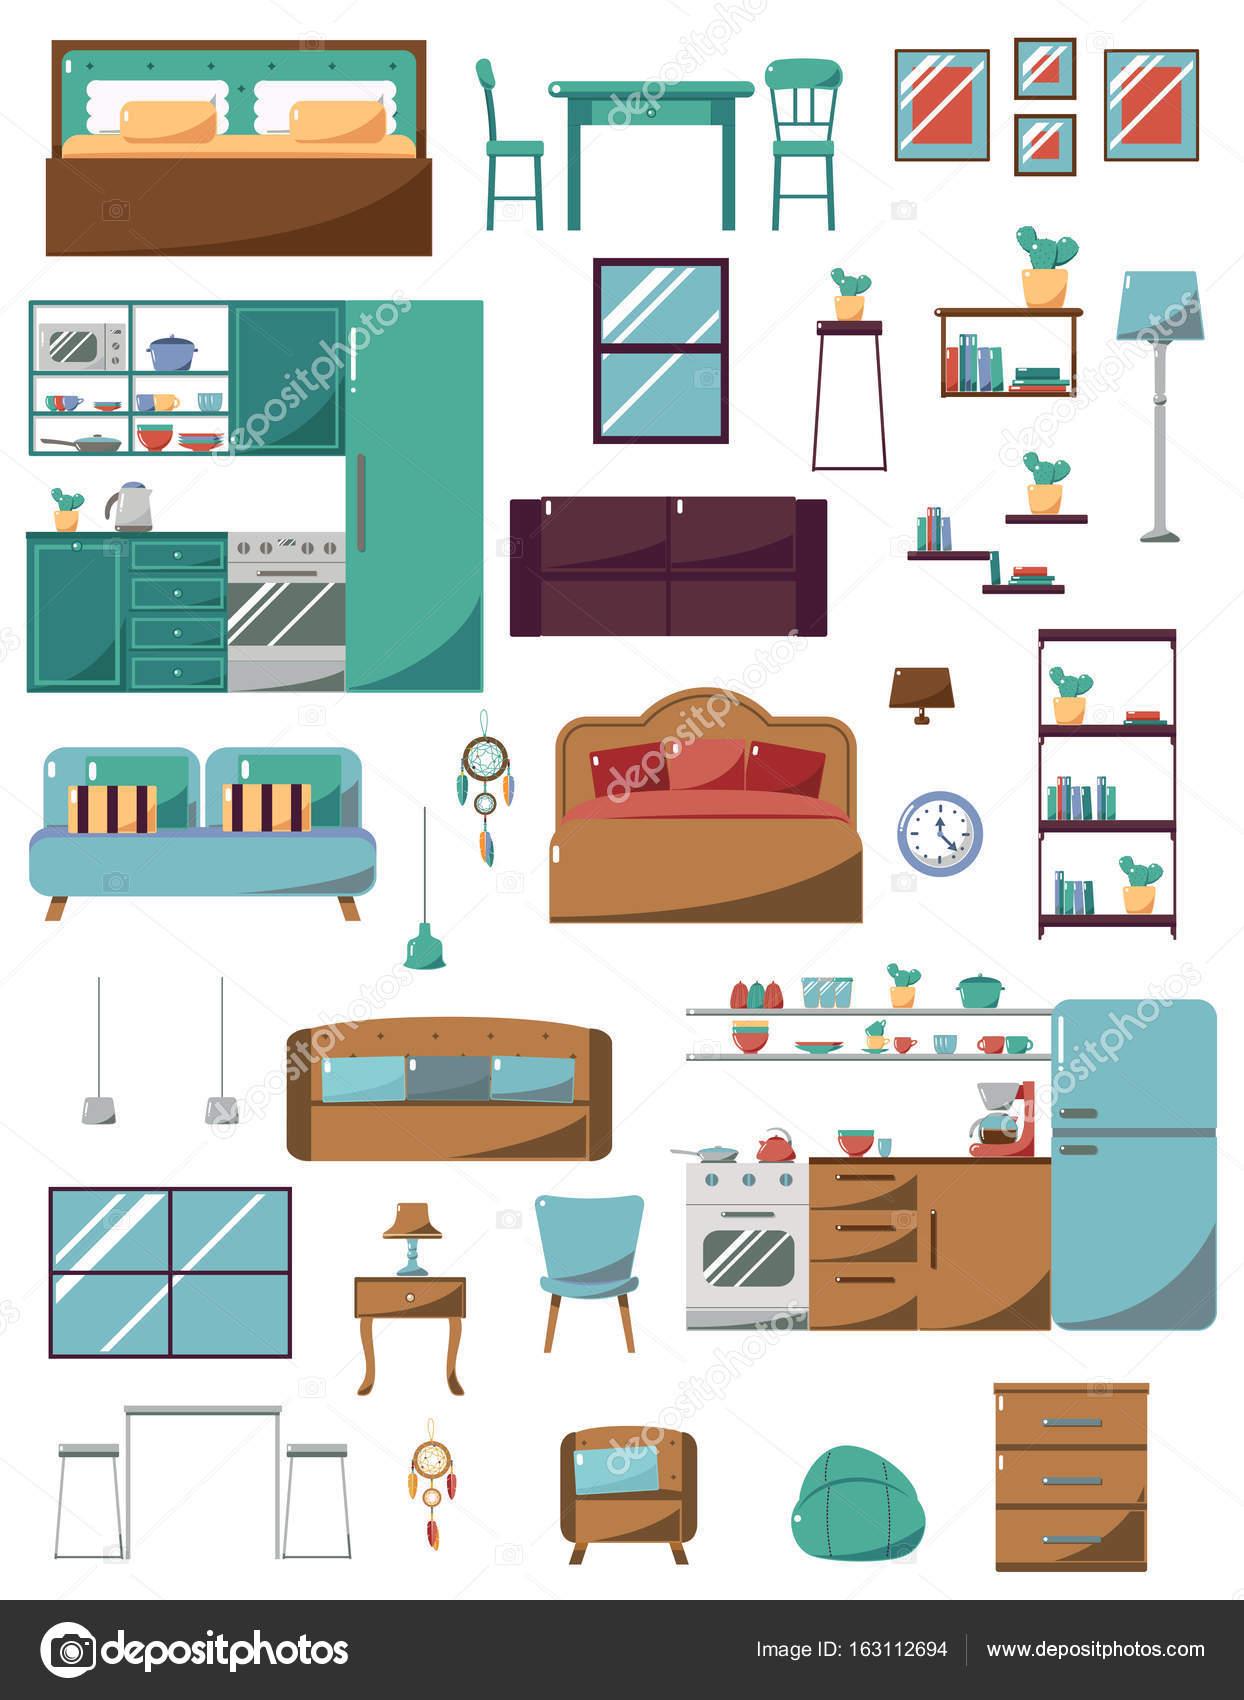 AuBergewohnlich Möbel Für Wohnzimmer, Schlafzimmer, Küche, Bad. Flat Style U2014 Stockvektor